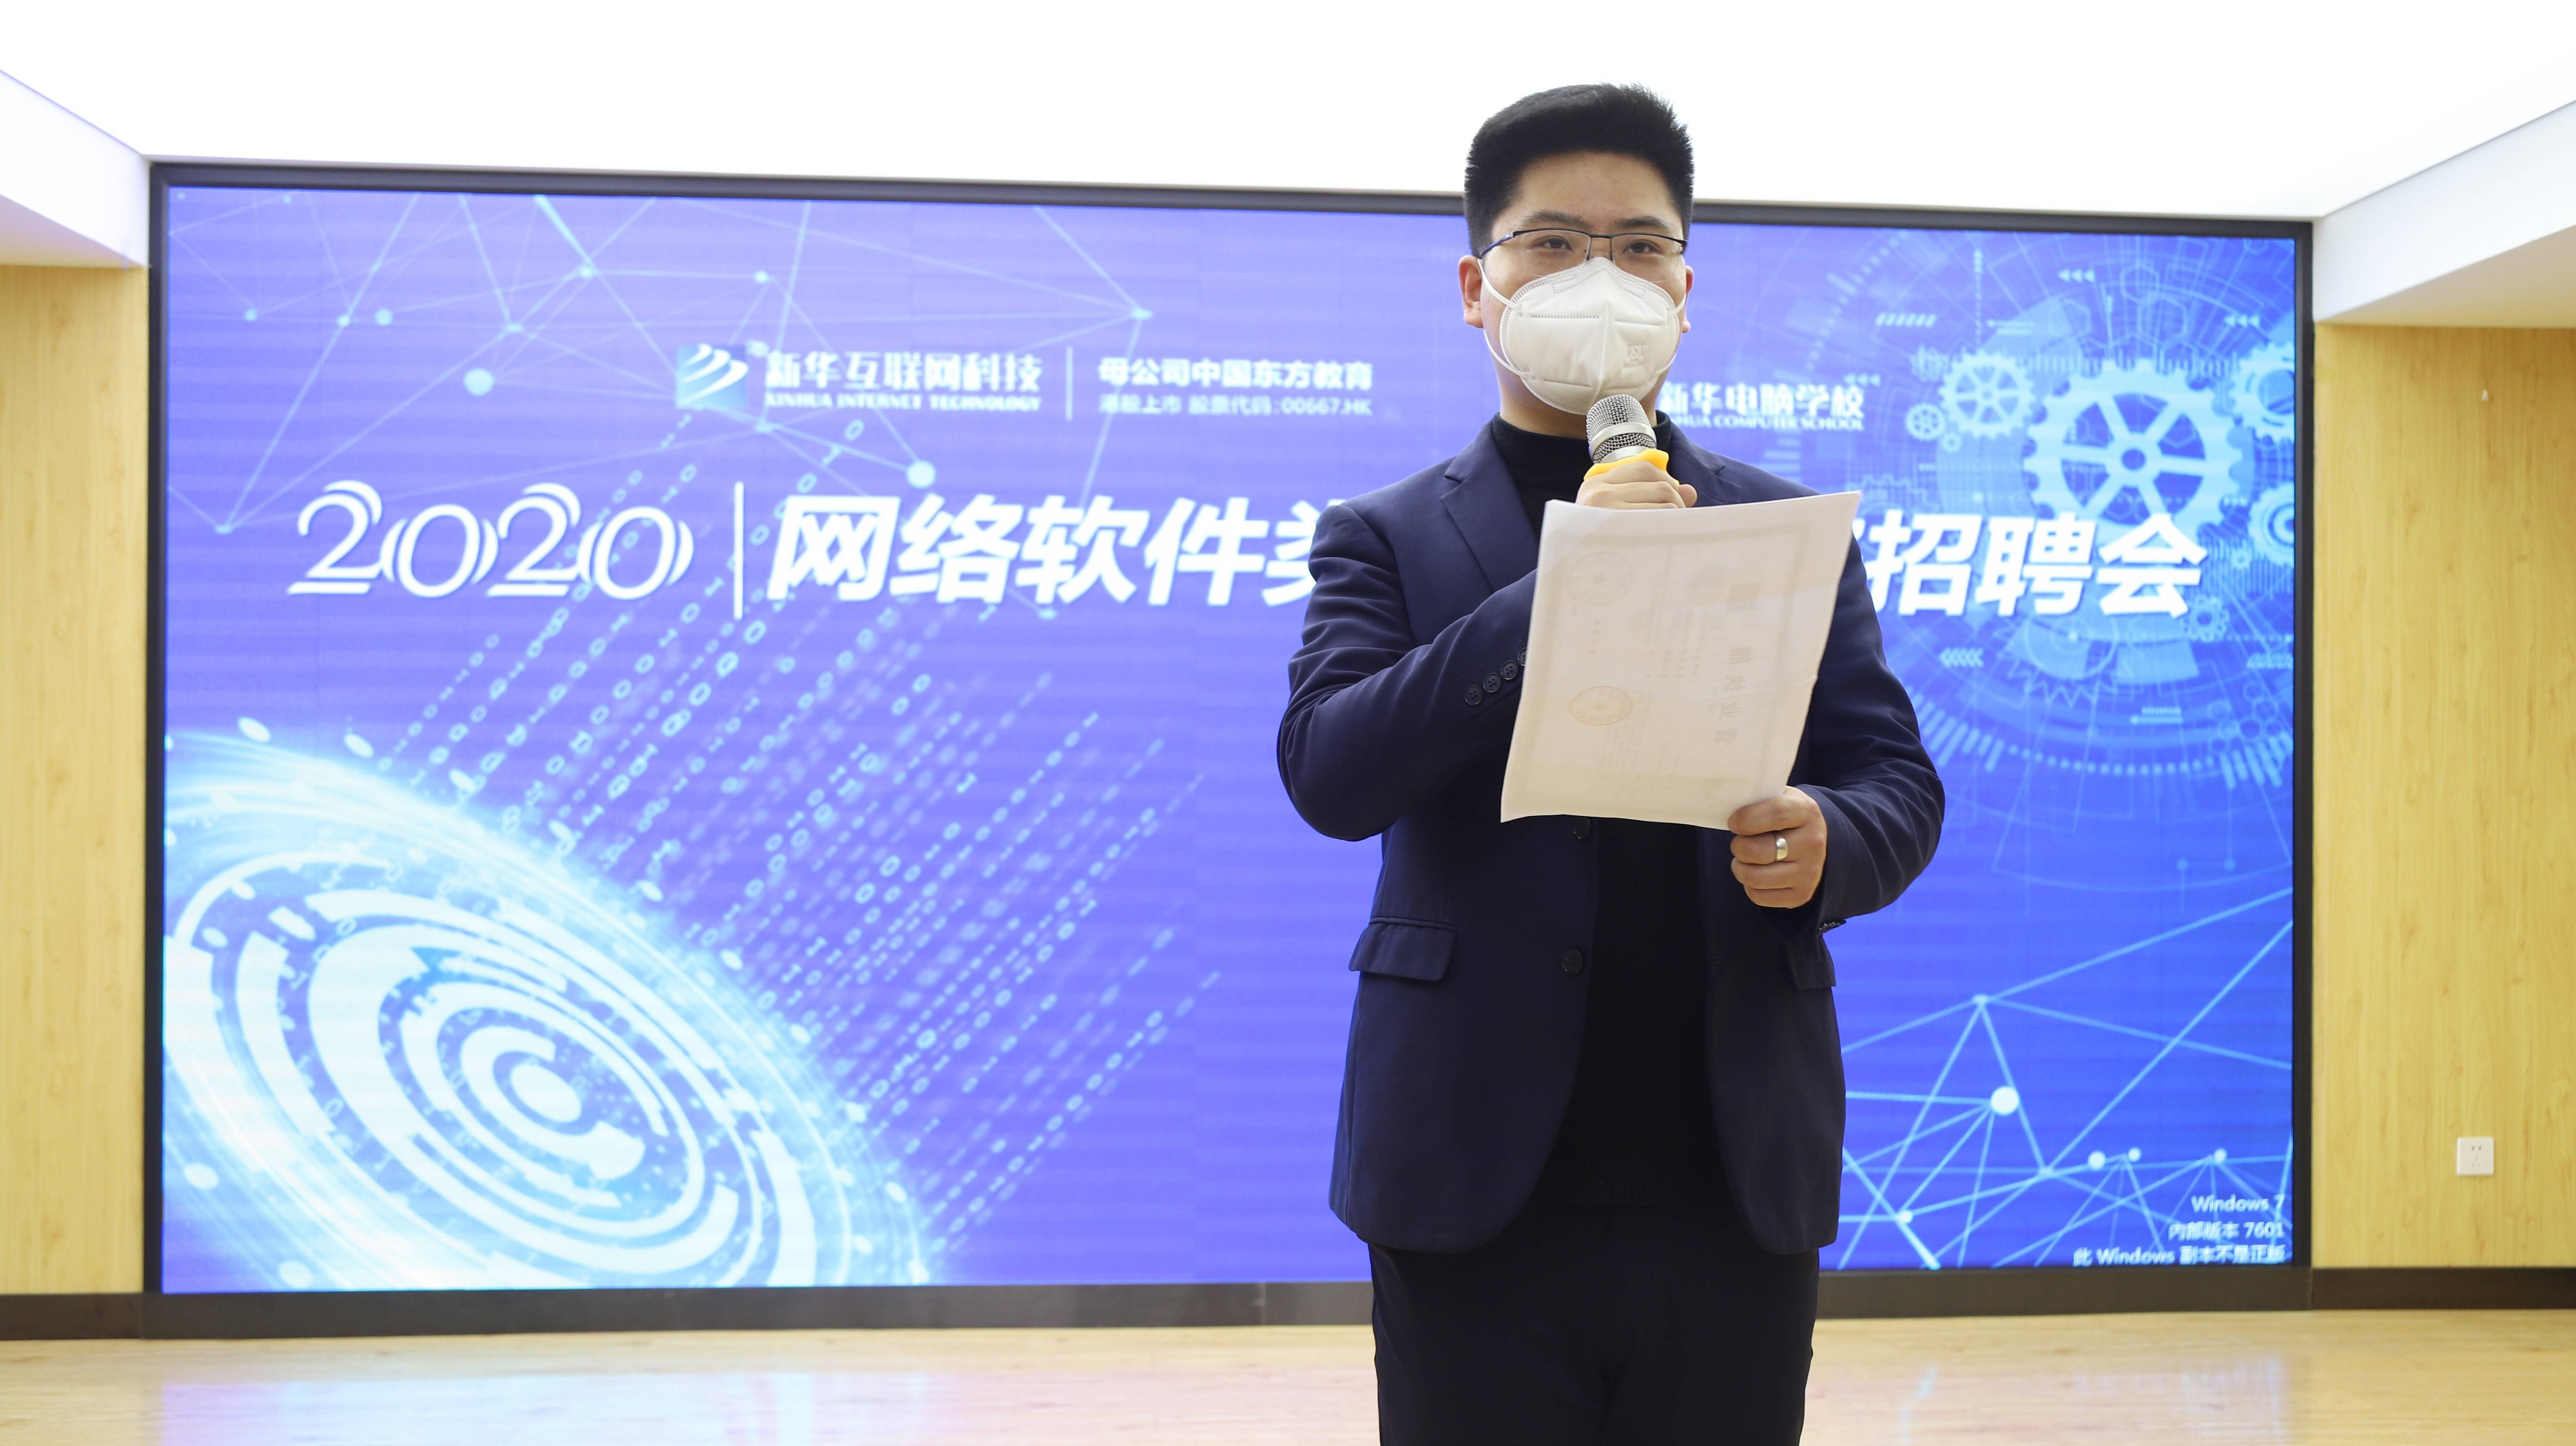 山西新华电脑学校举办网络软件类线上专场招聘会